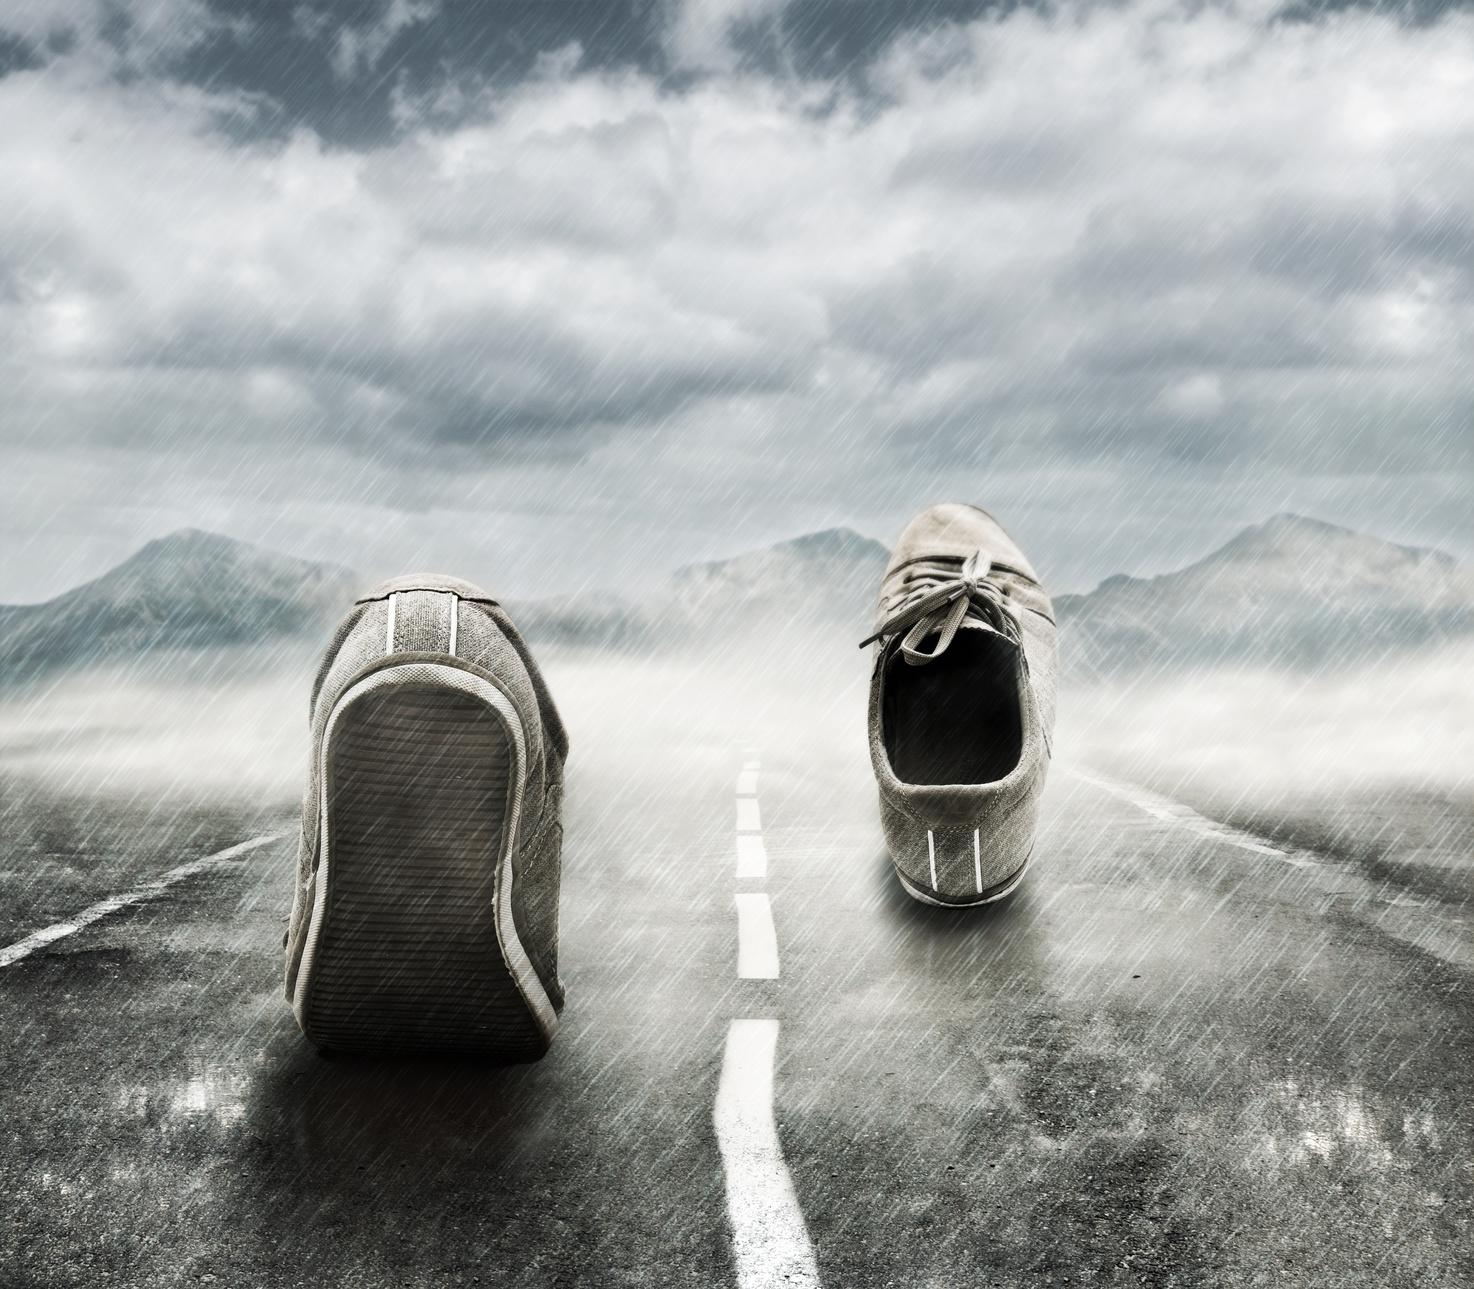 O maior sonho ou a maior dificuldade?